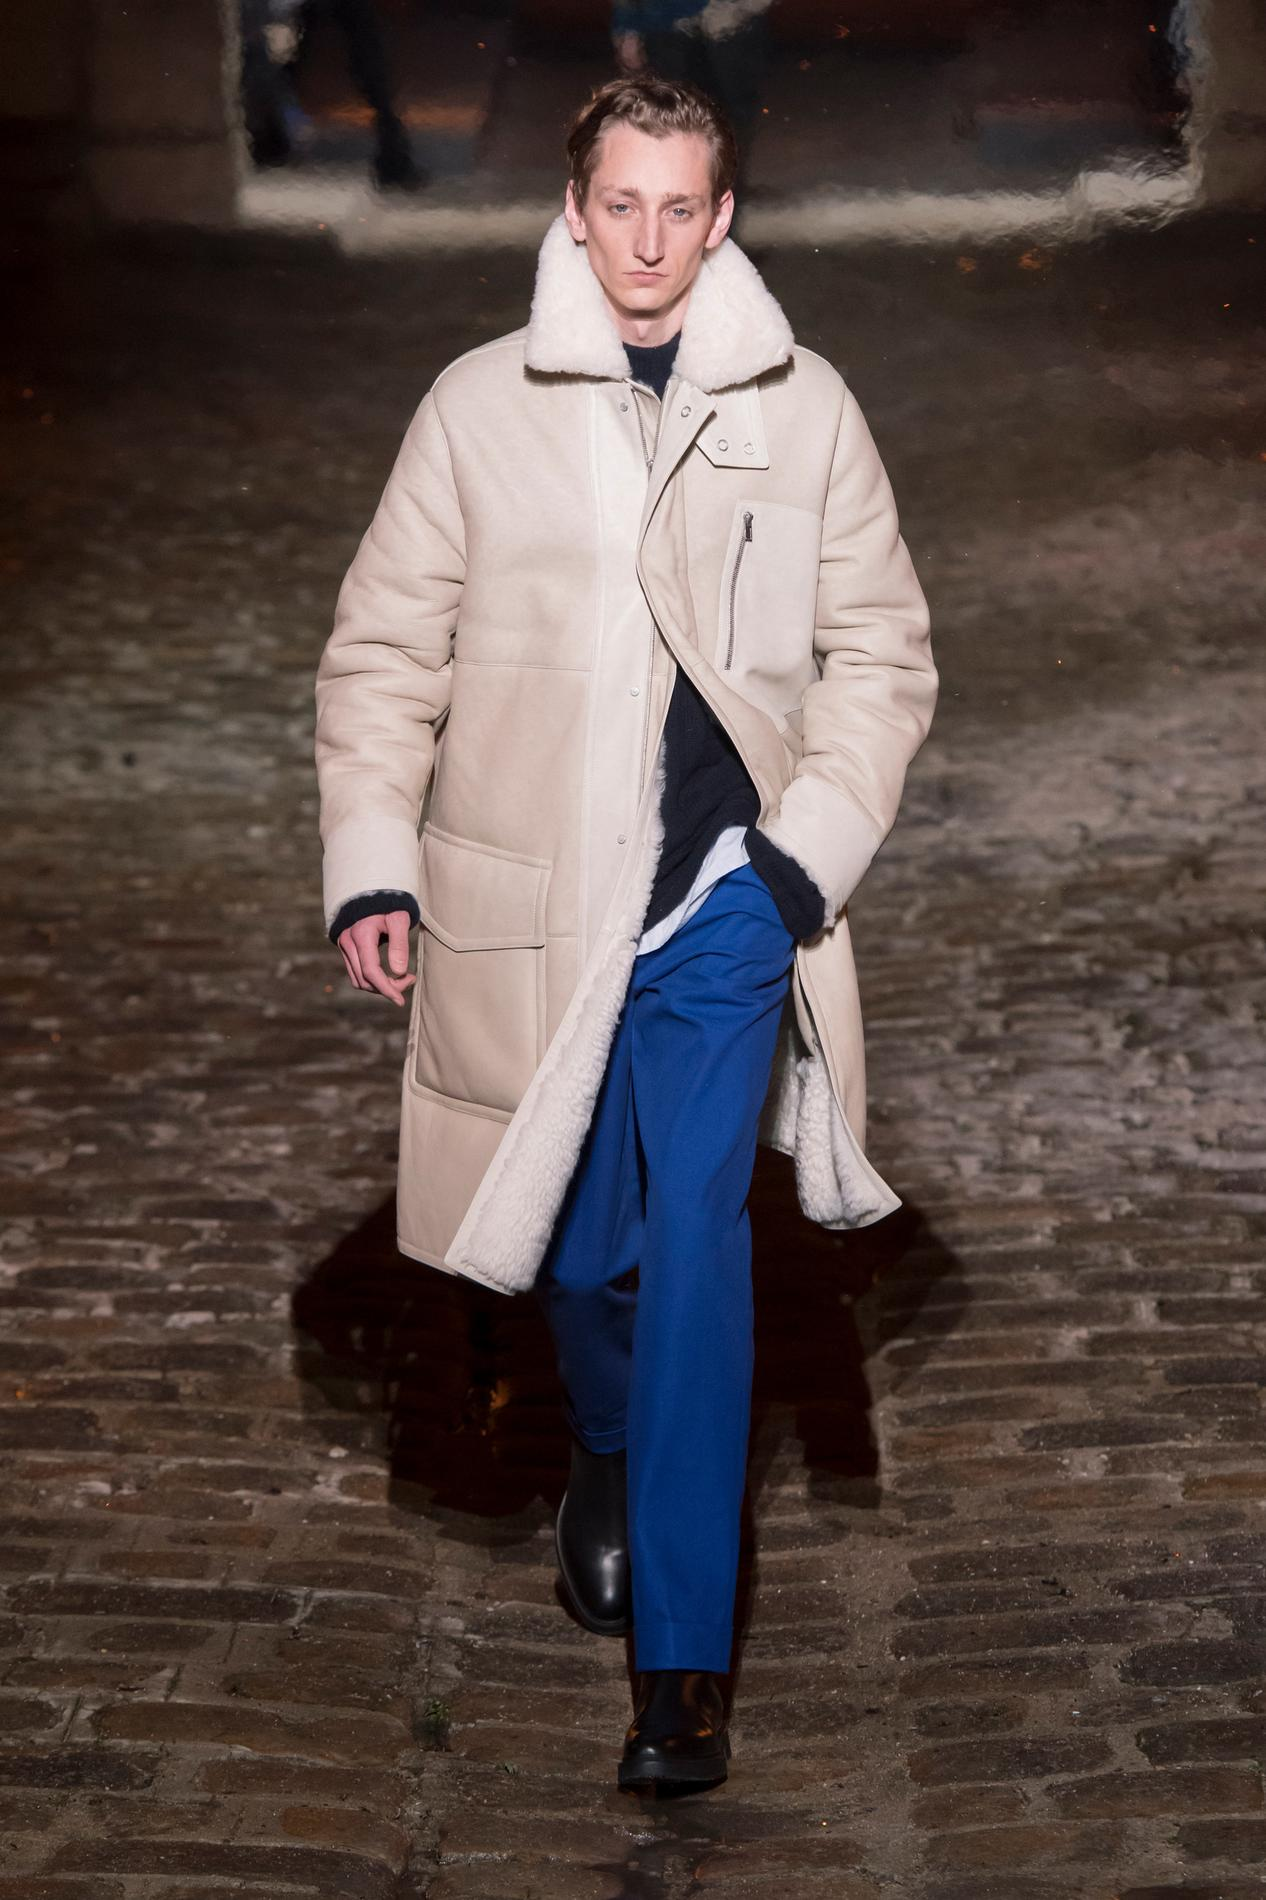 1e3279a502a Défilé Hermès Homme Automne-hiver 2018-2019 Paris - photo 4 Imaxtree Défilé  Hermès automne-hiver 2018-2019